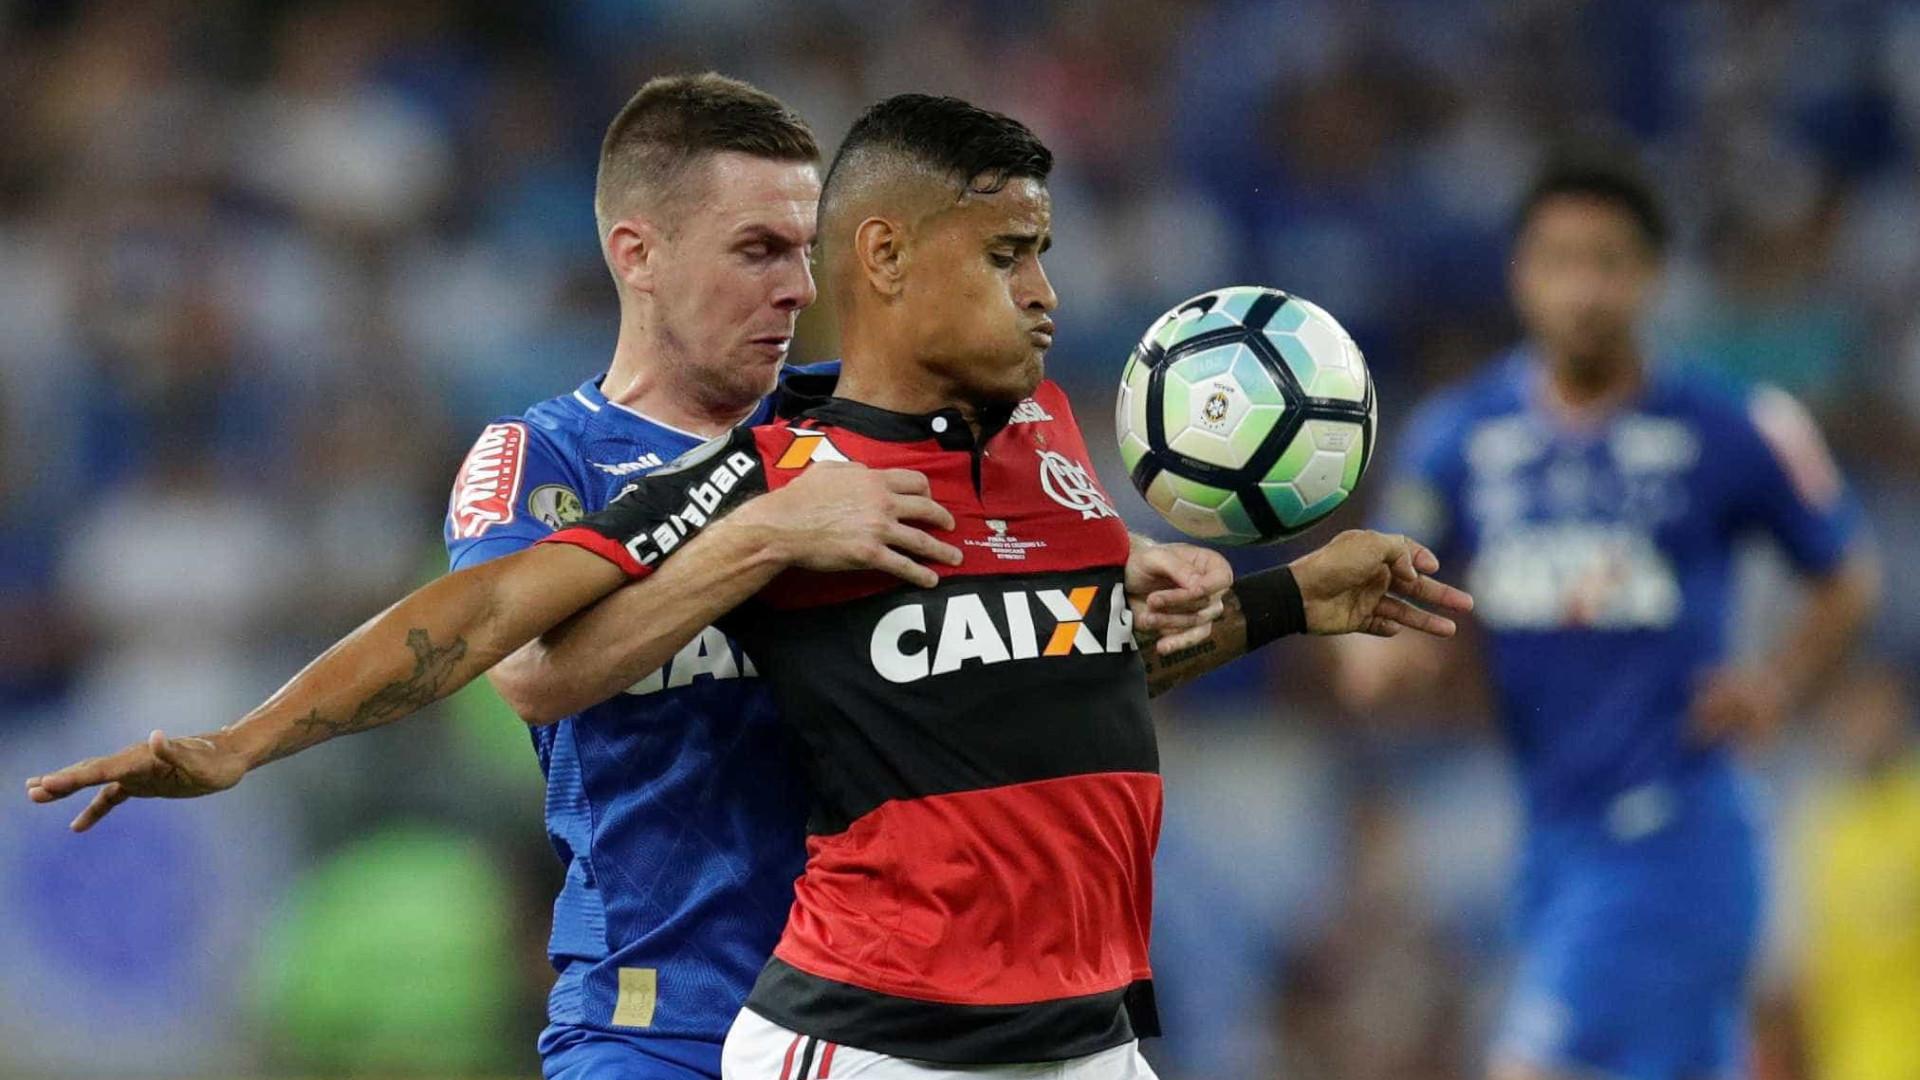 Vitória empata com o Flamengo na abertura do Campeonato Brasileiro